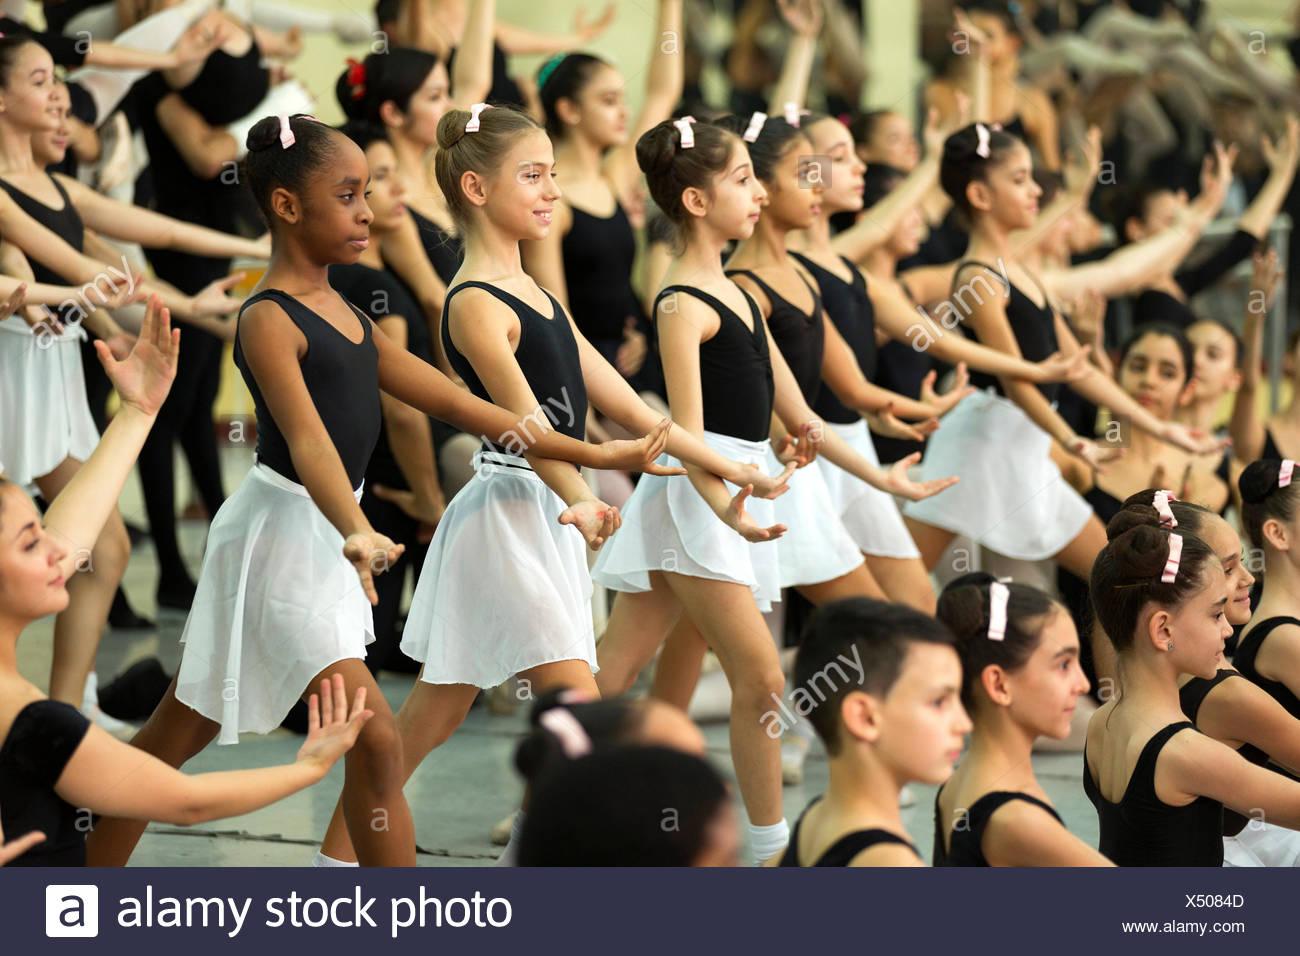 Jugendliche Taenzer bei der Sonde in der Nationalen Balletschule, Havanna, Kuba Engl.: Kuba, Havanna, Nationalen Kubanischen Ballettschule, jugendliche Tänzer Stockbild